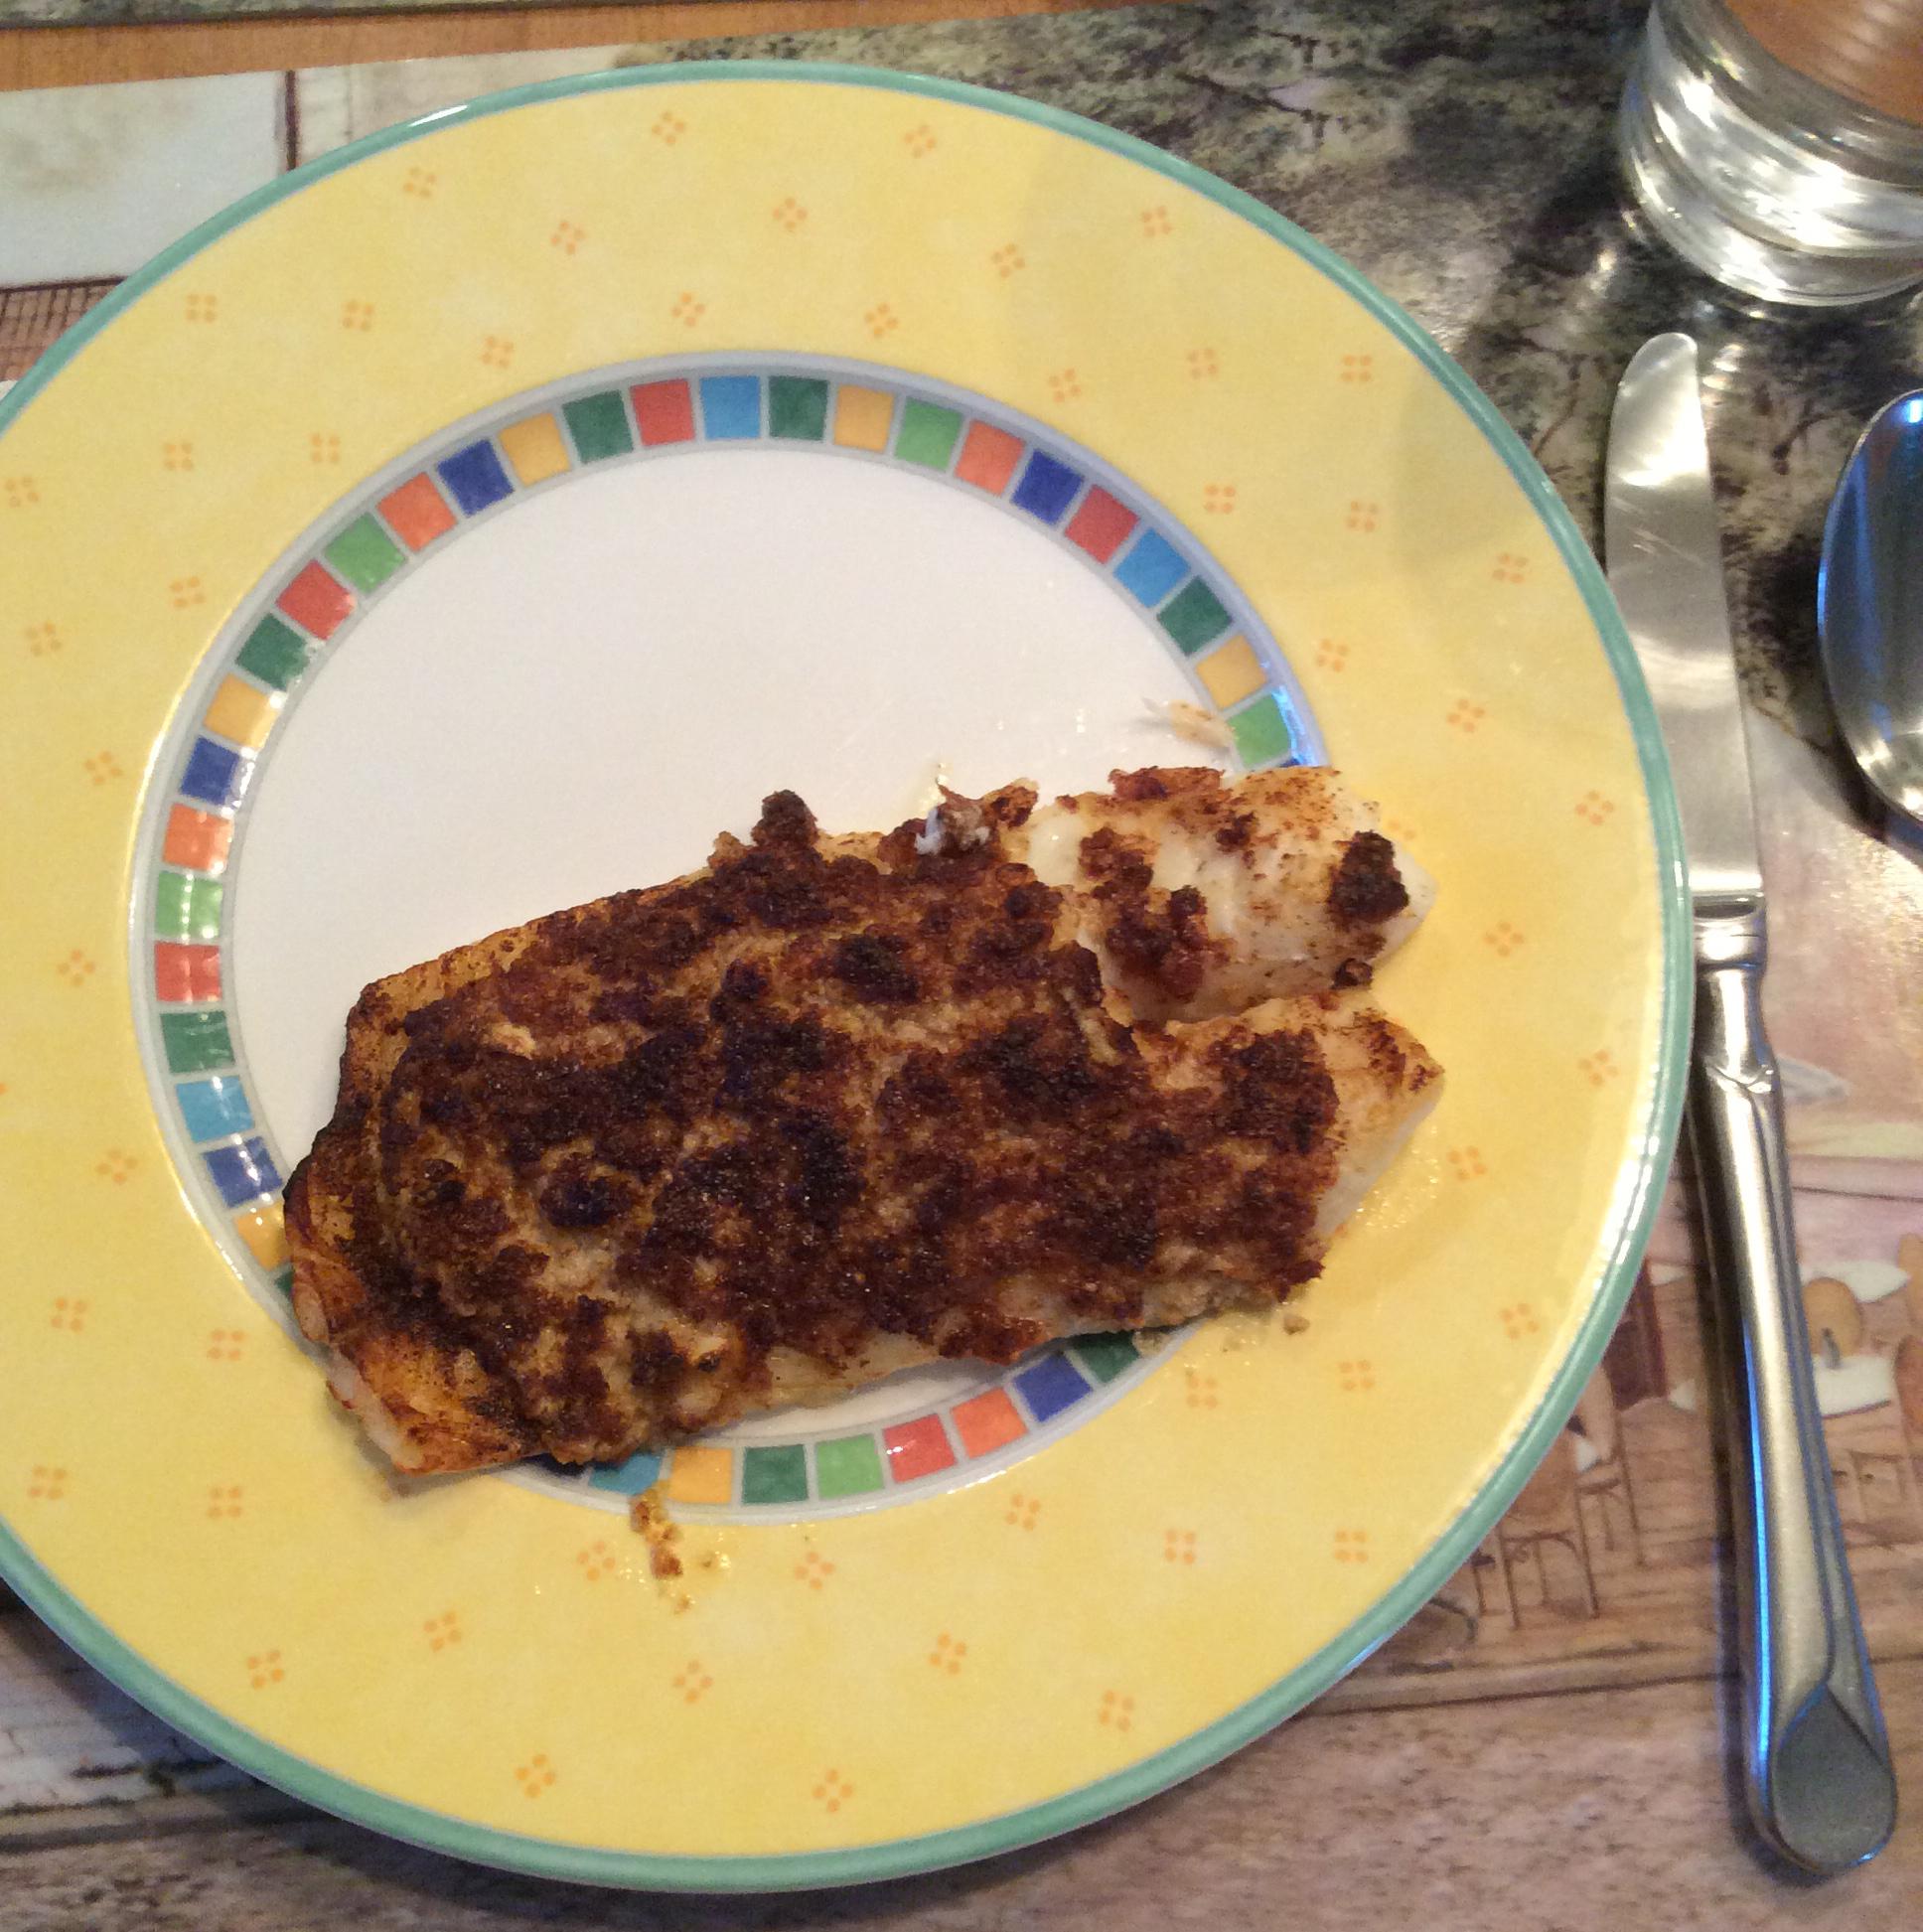 Garlic Parmesan Orange Roughy